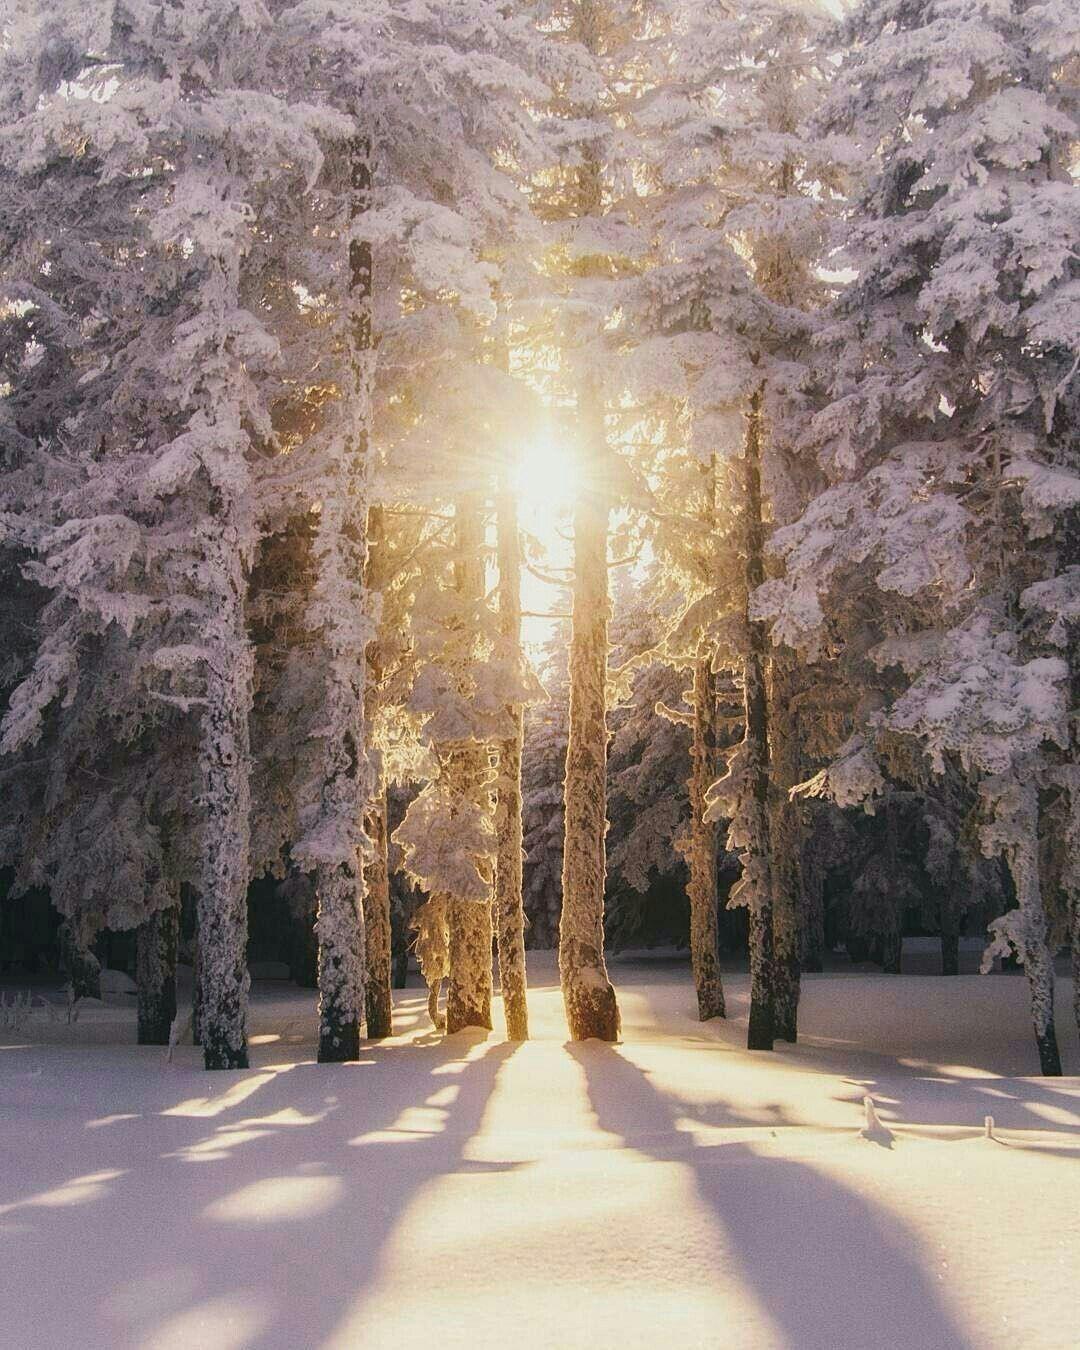 Pin von Larissa Schwezow auf WOW! | Winter ...